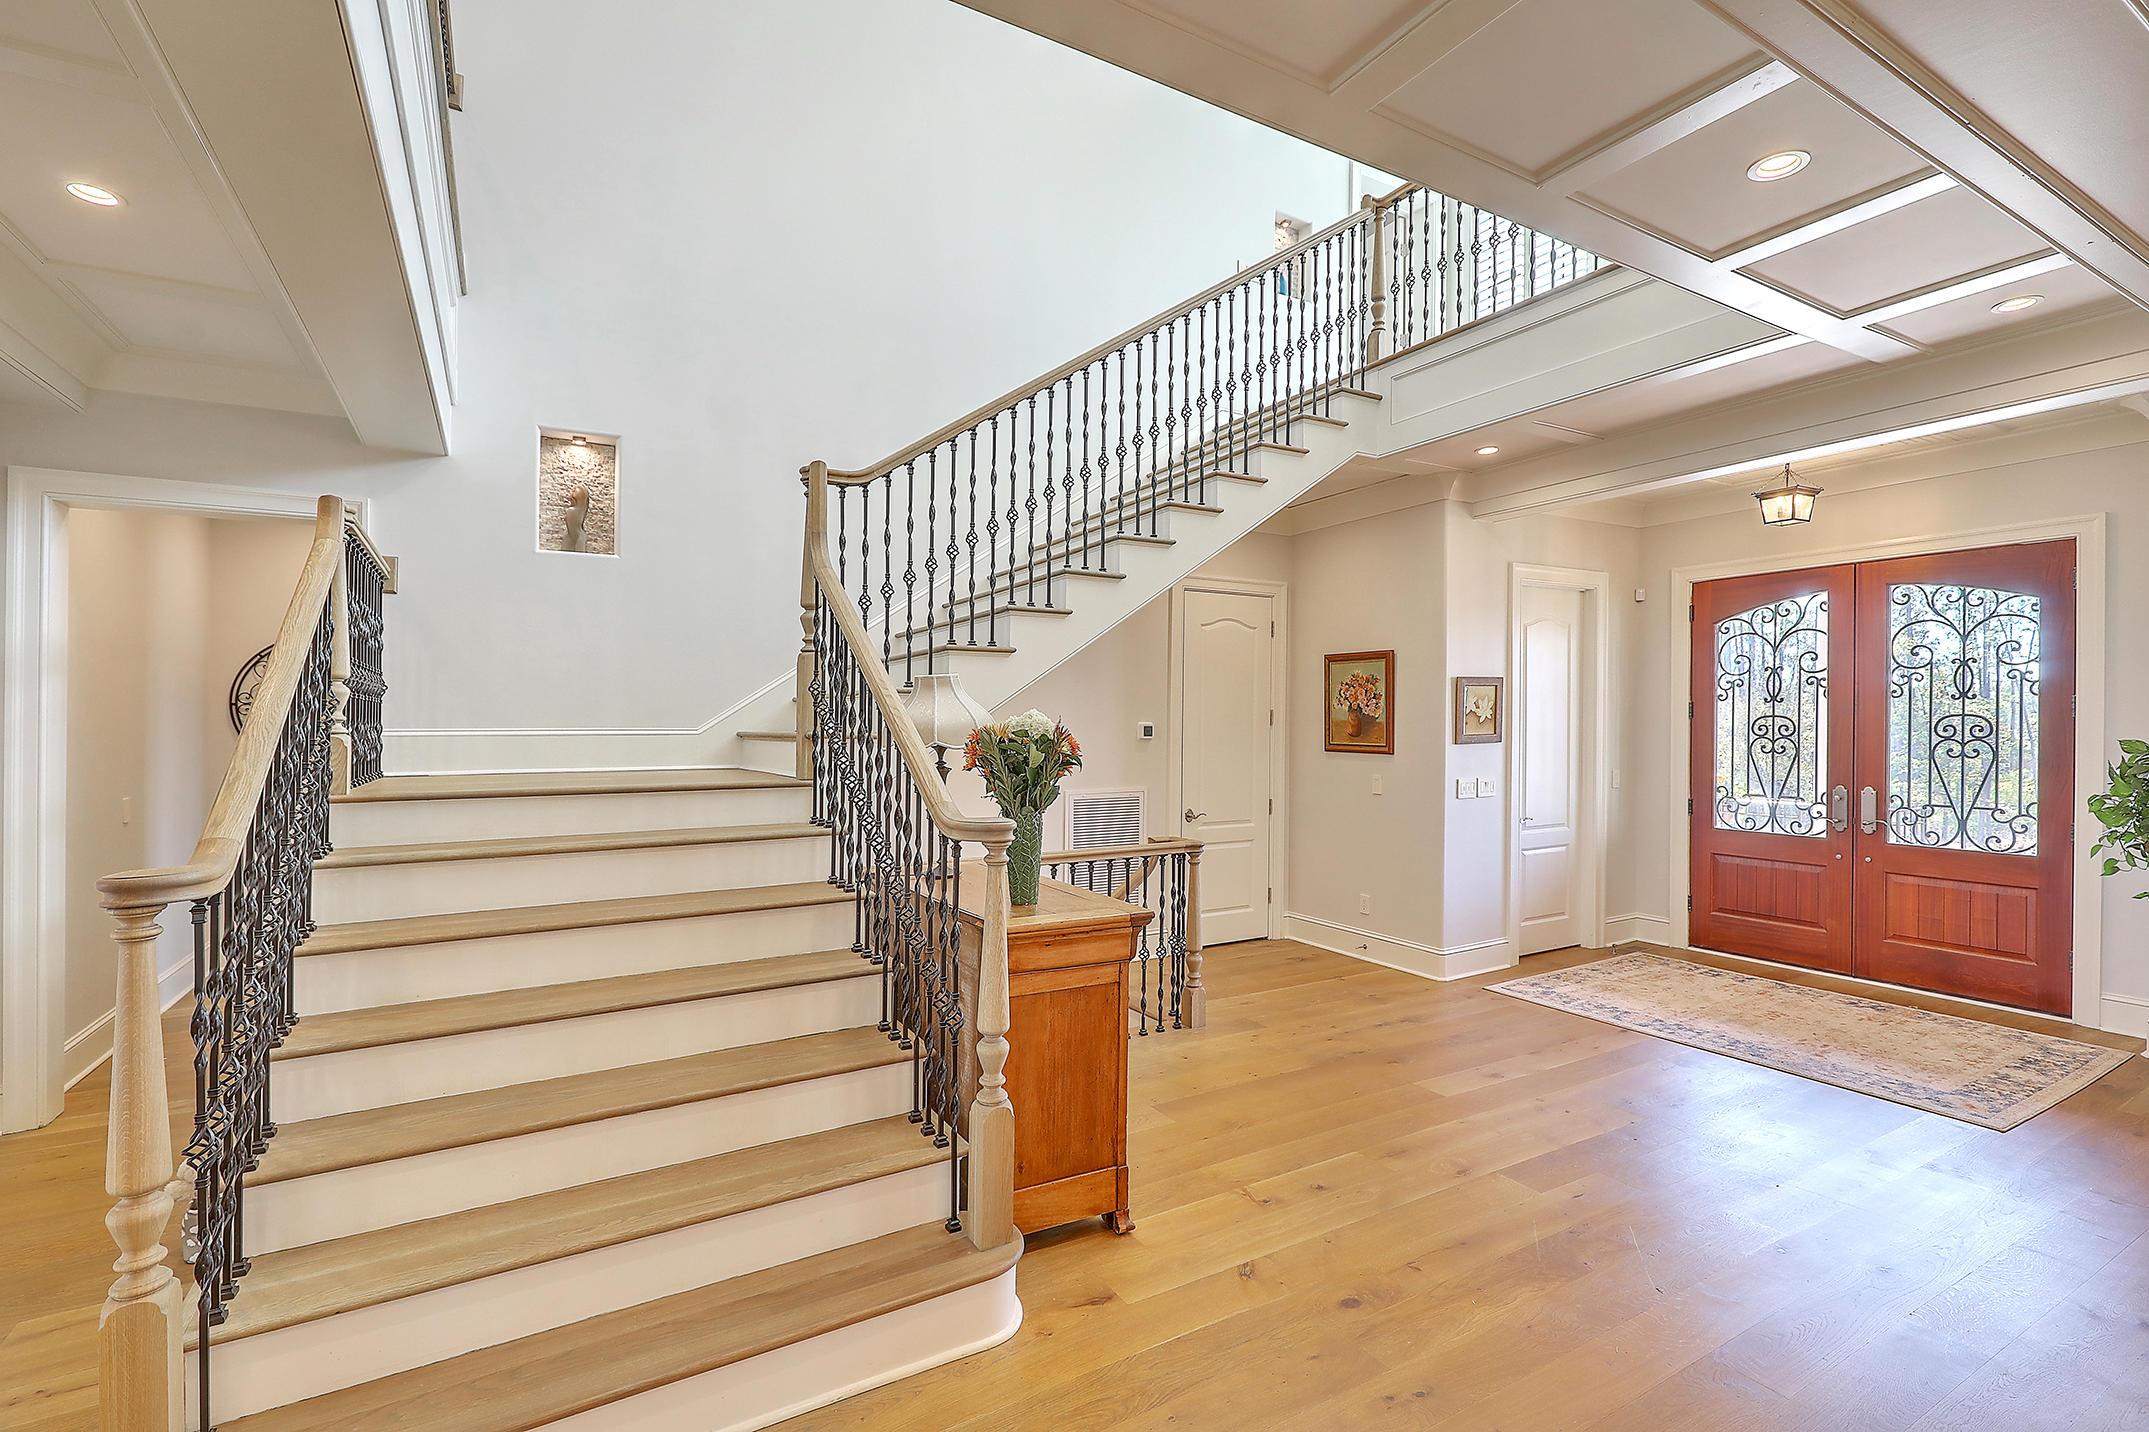 Park West Homes For Sale - 3905 Ashton Shore, Mount Pleasant, SC - 22